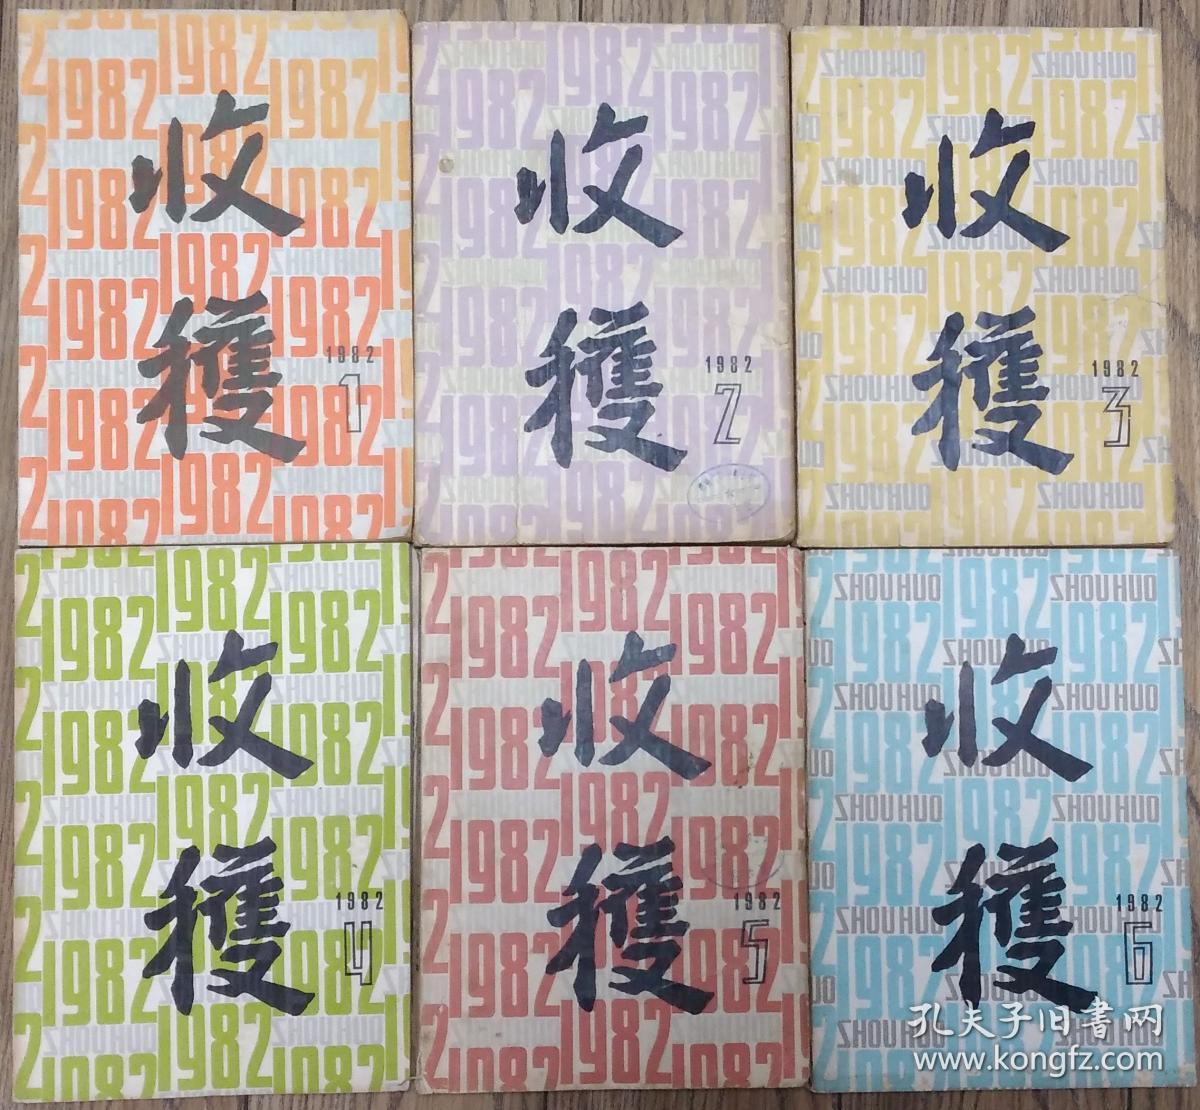 《收获》杂志1982年第1,2,3,4,5,6期6本合售(德兰长篇《求》从维熙中篇《远去的白帆》张洁中篇《方舟》路遥中篇《人生》茹志娟、王安忆母女中篇小说各一篇,古华中篇《姐姐寨》等 )